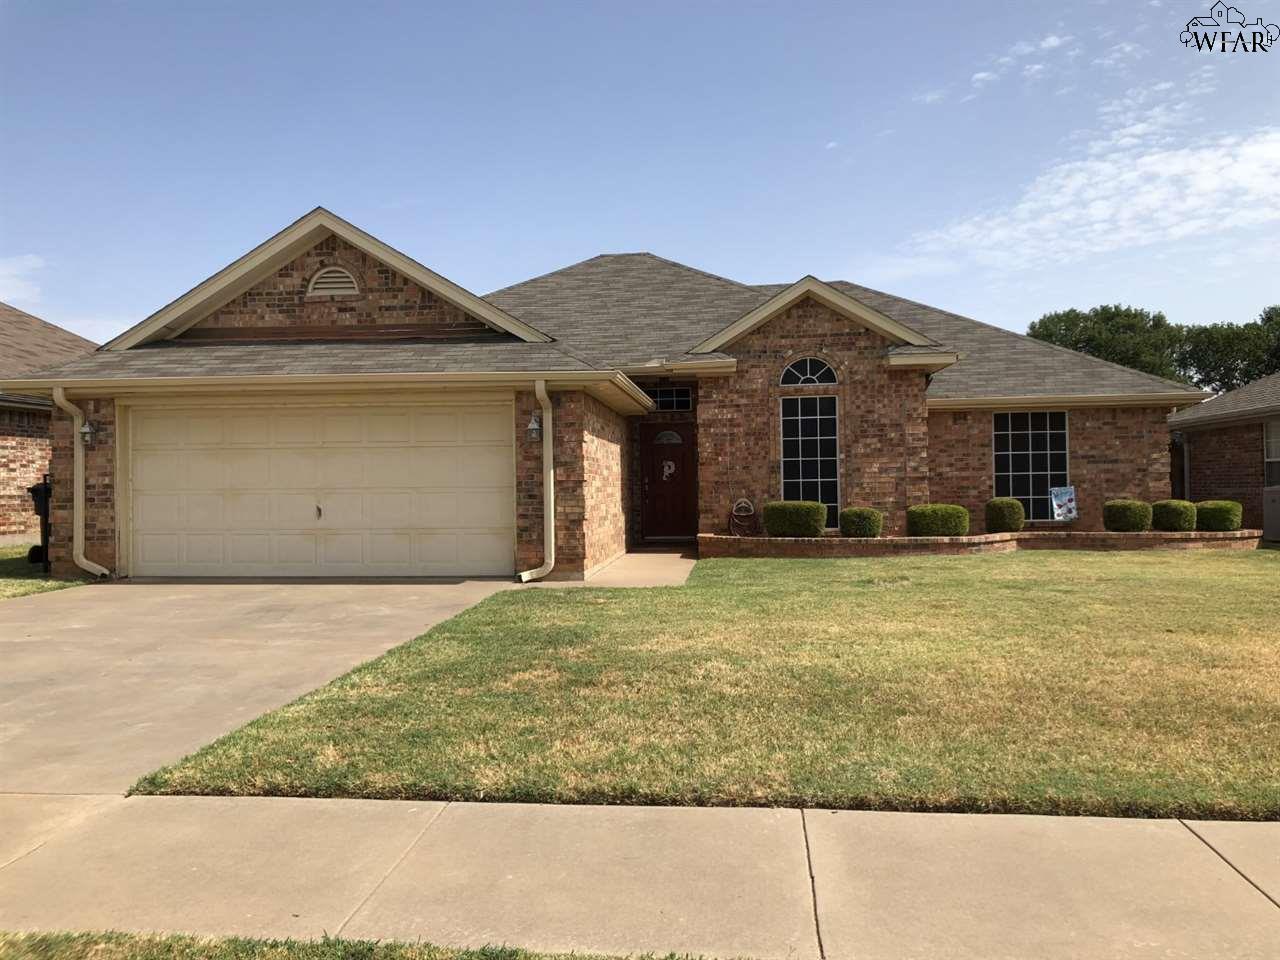 6010 Natchez Trace, Wichita Falls, TX 76310